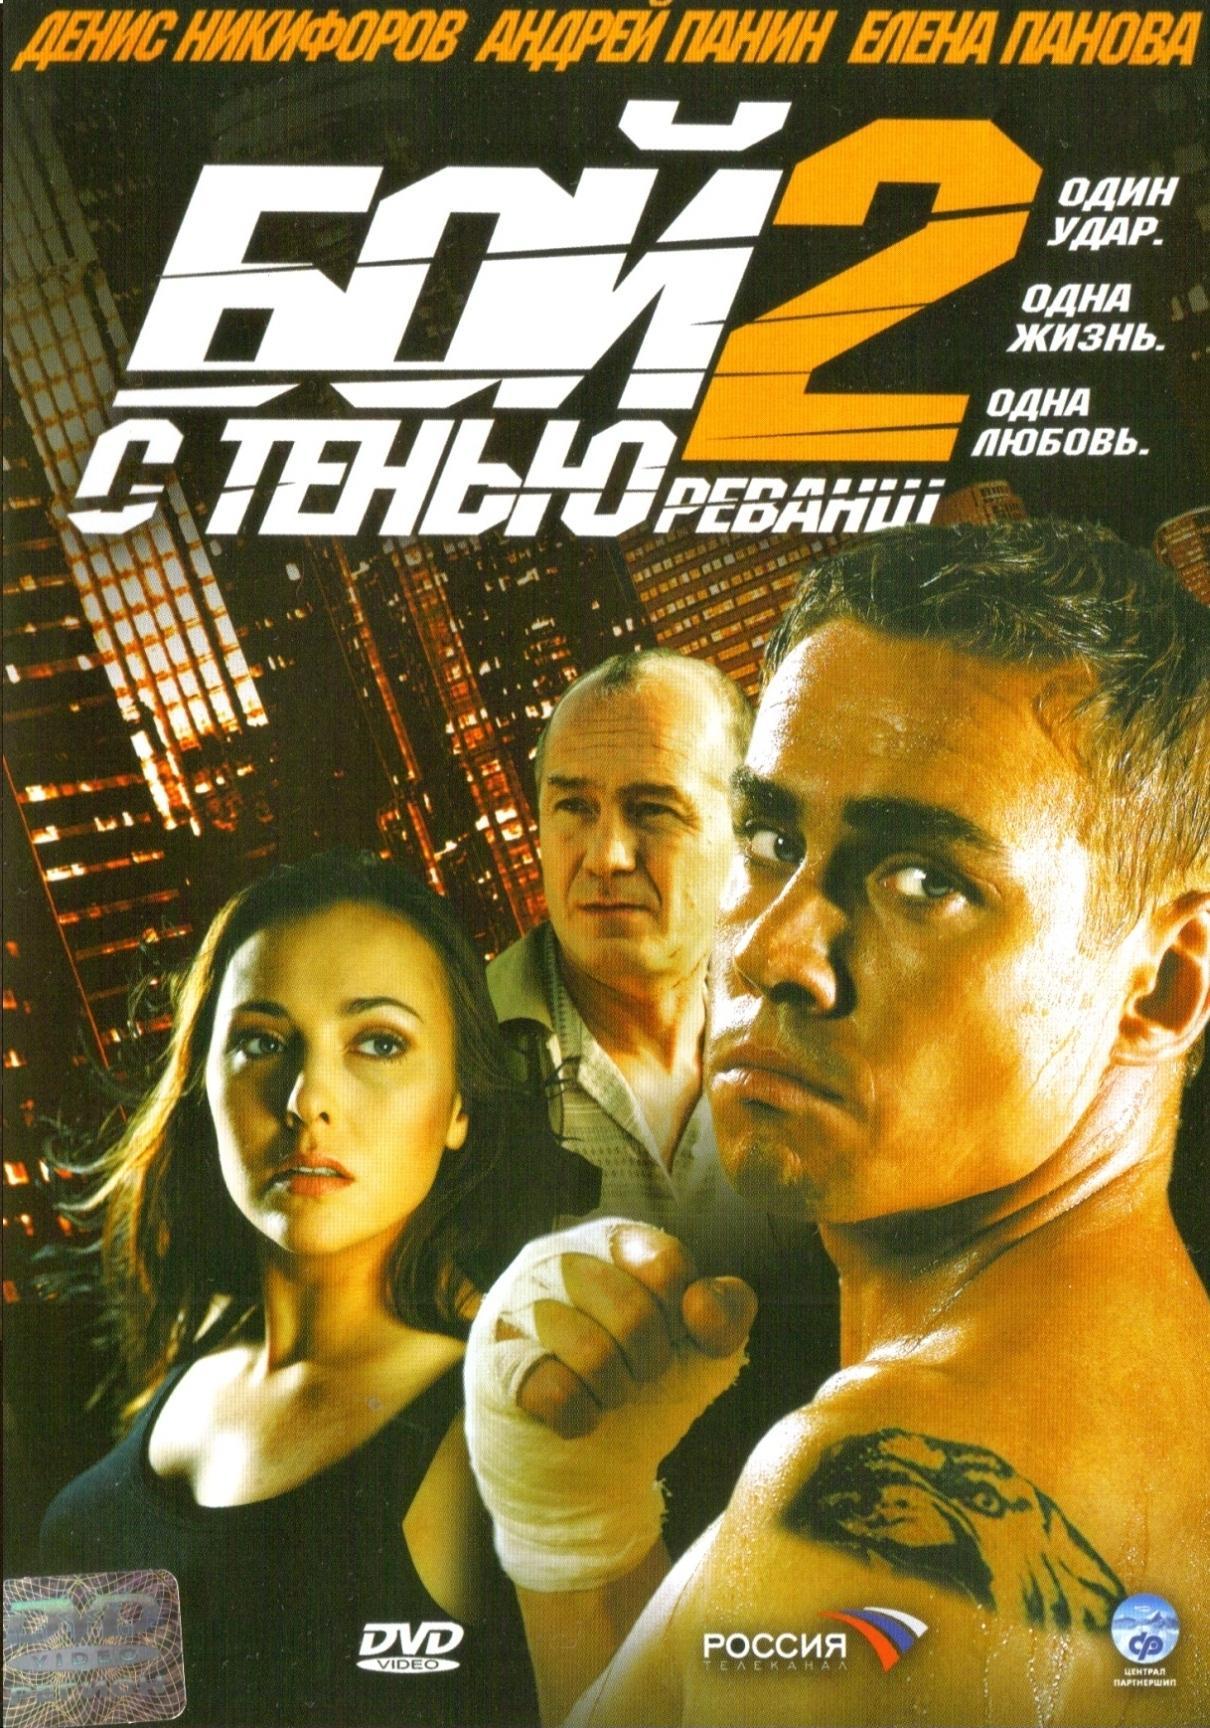 Скачать фильм бой с тенью 2 реванш 2007 через торрент в